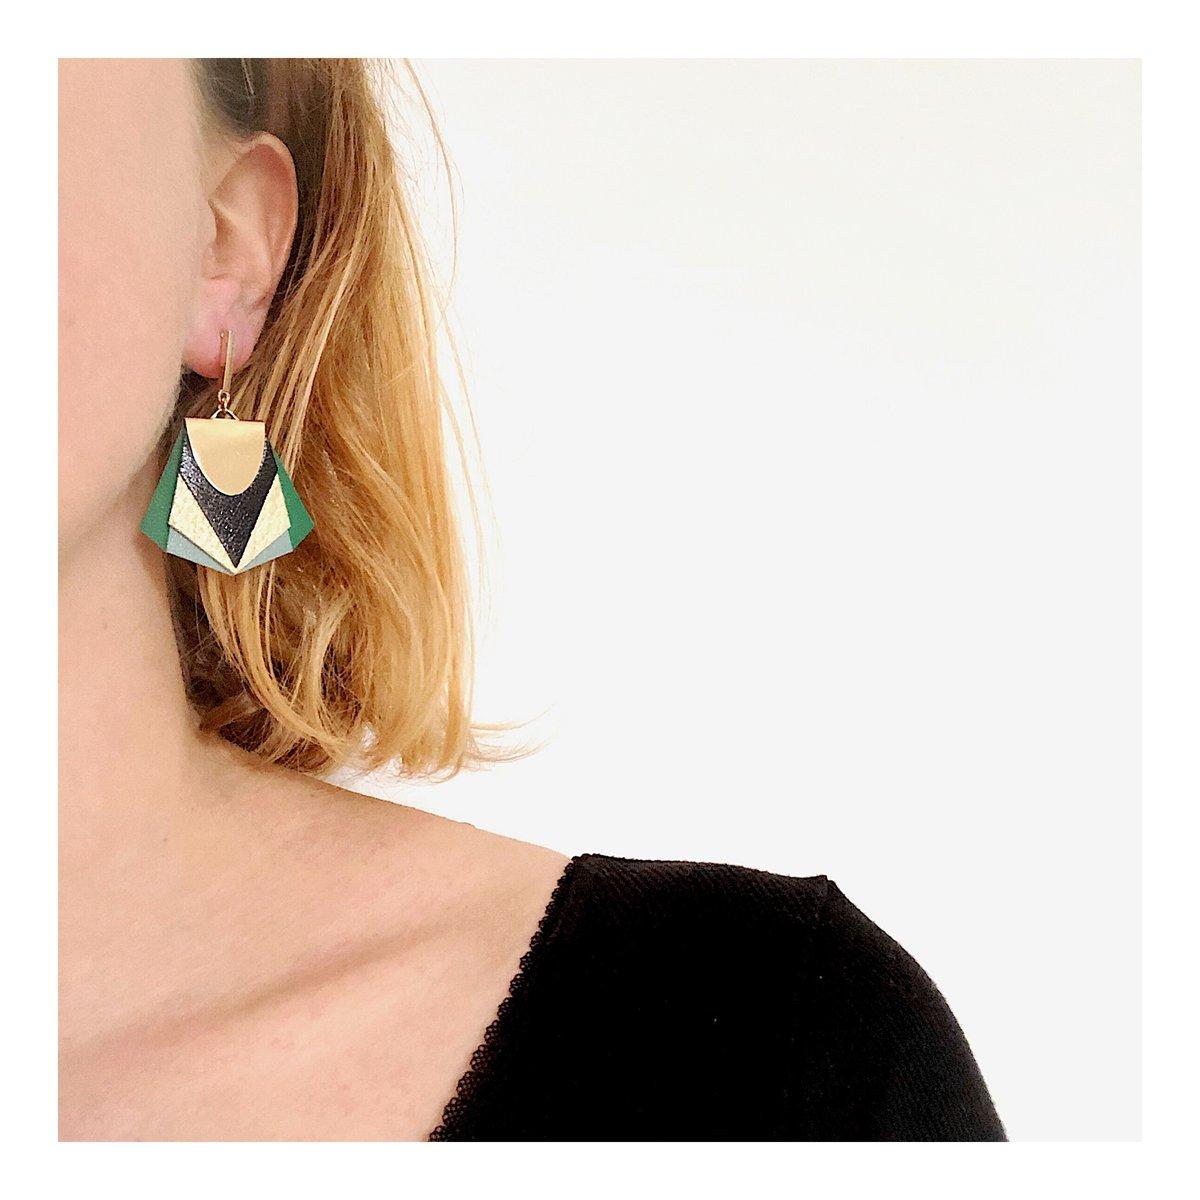 Boucles d'oreilles NOA #15